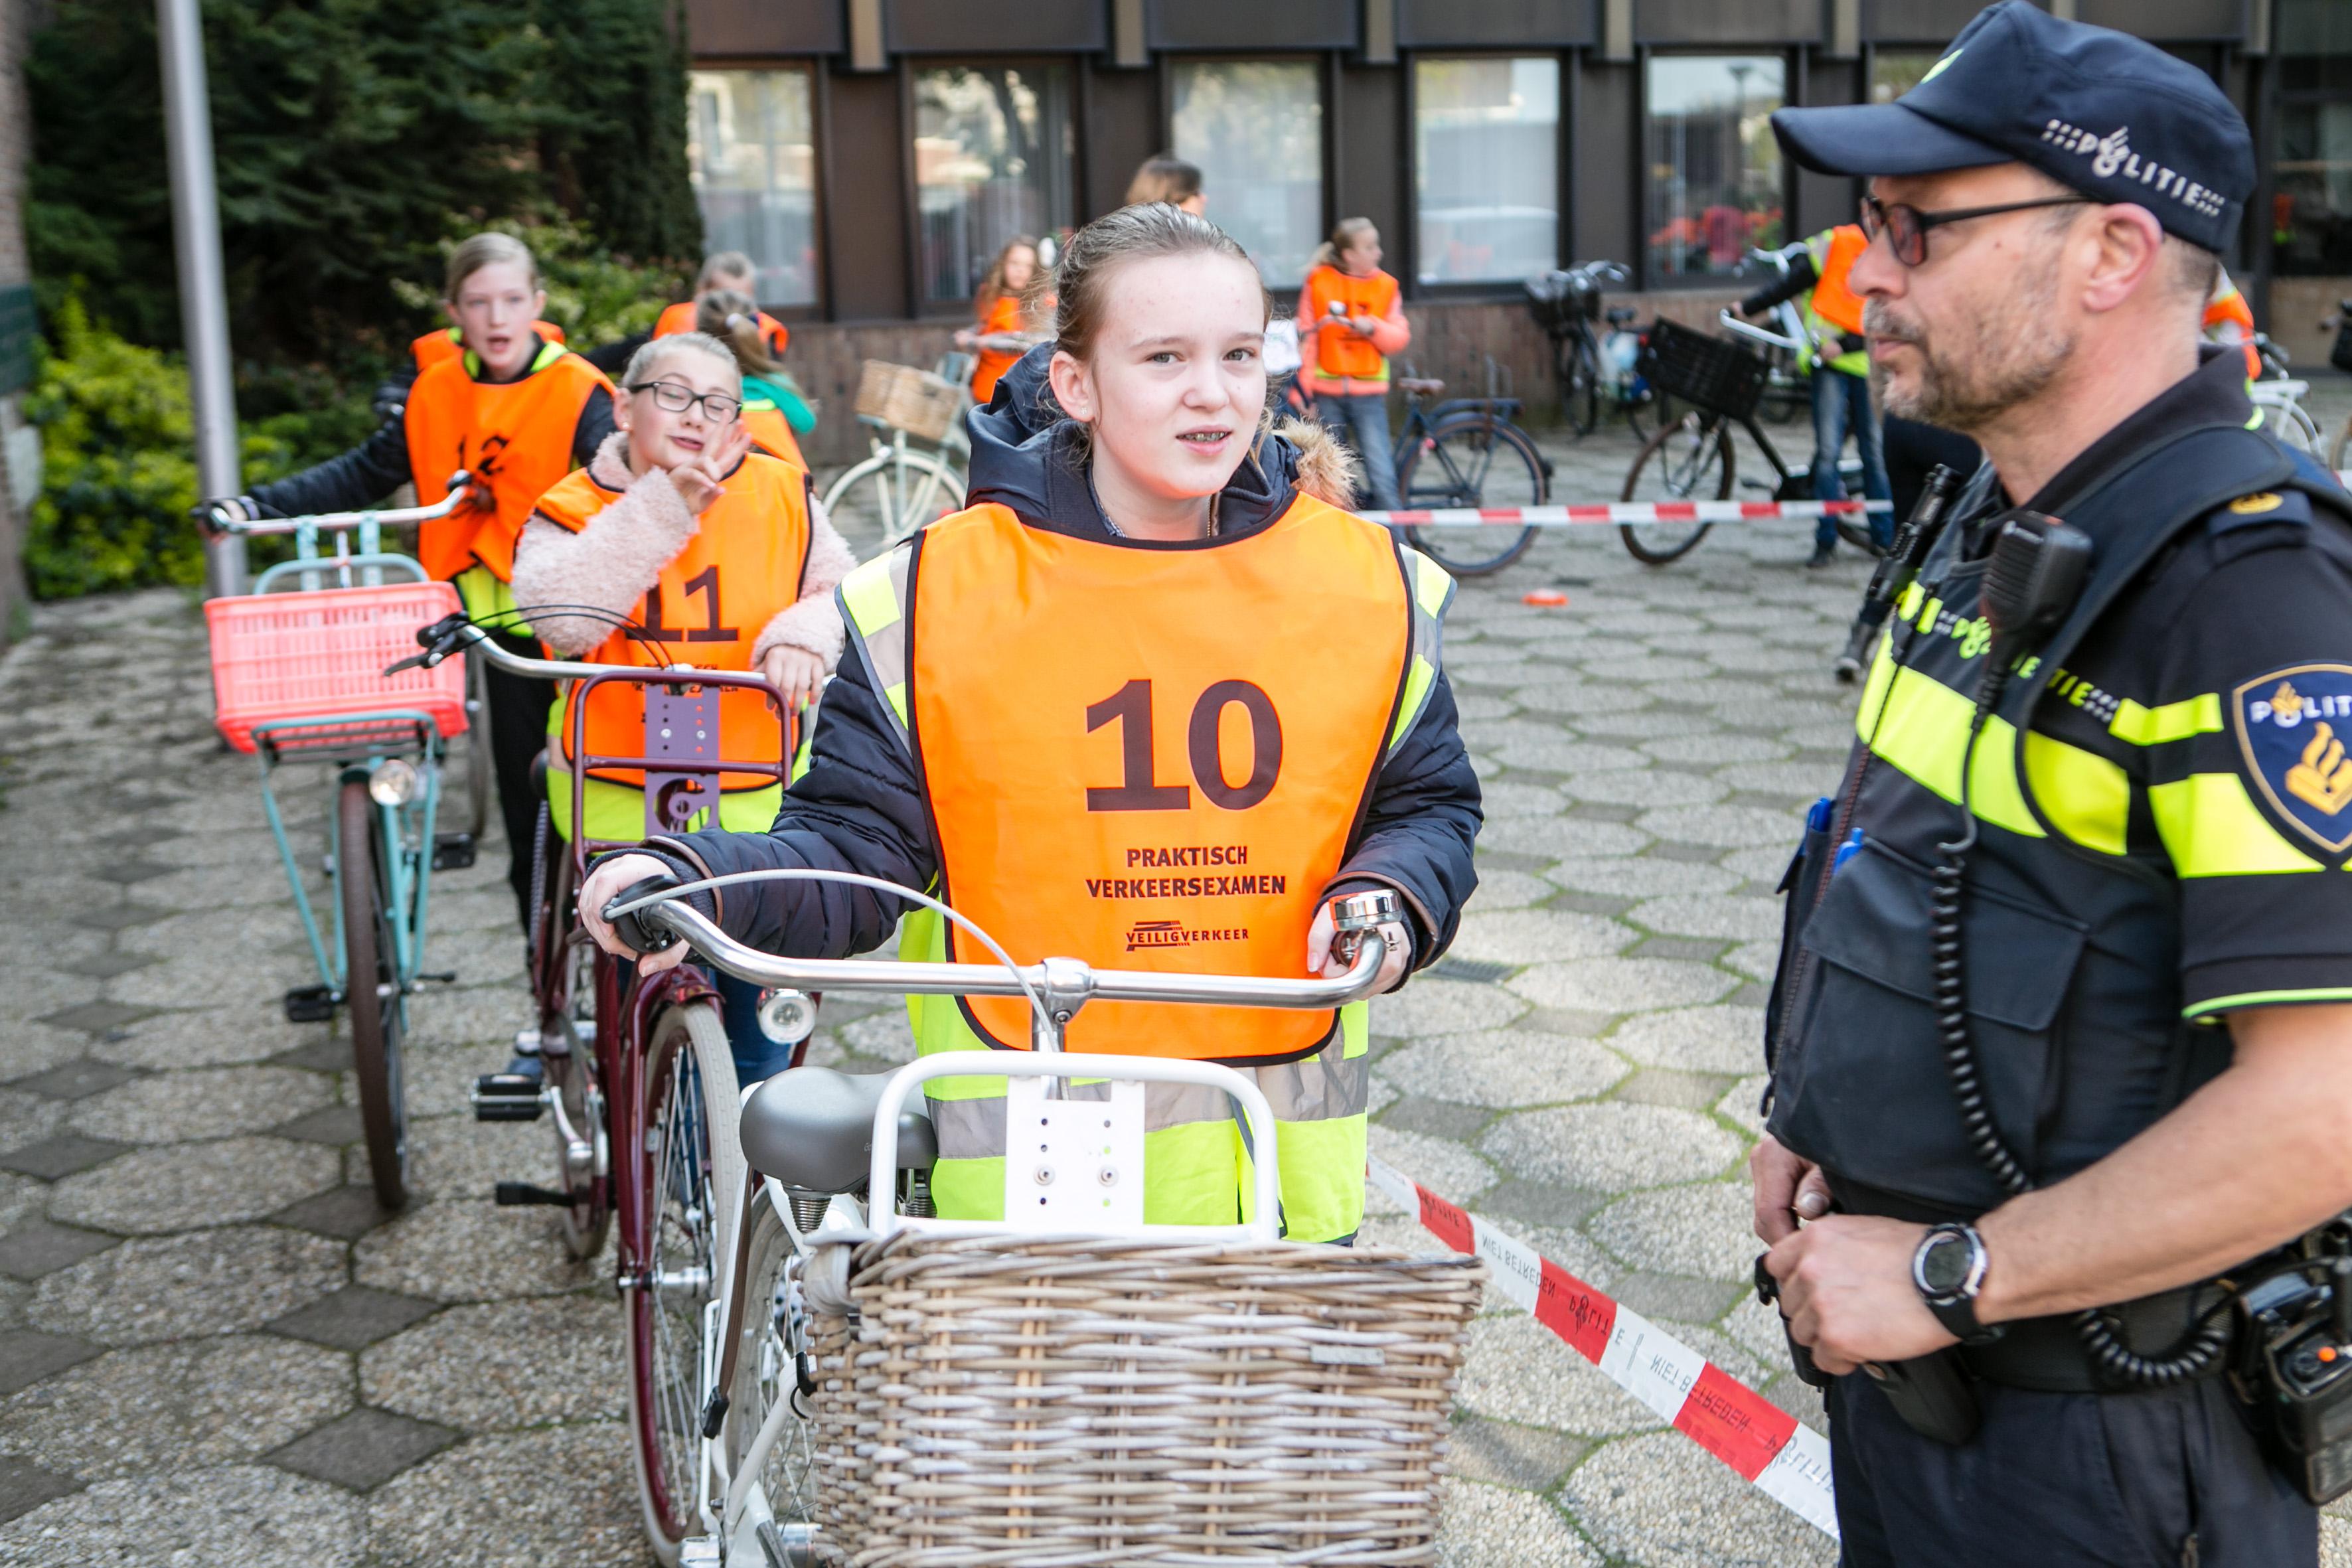 verkeersexamen foto eric van nieuwland 074426